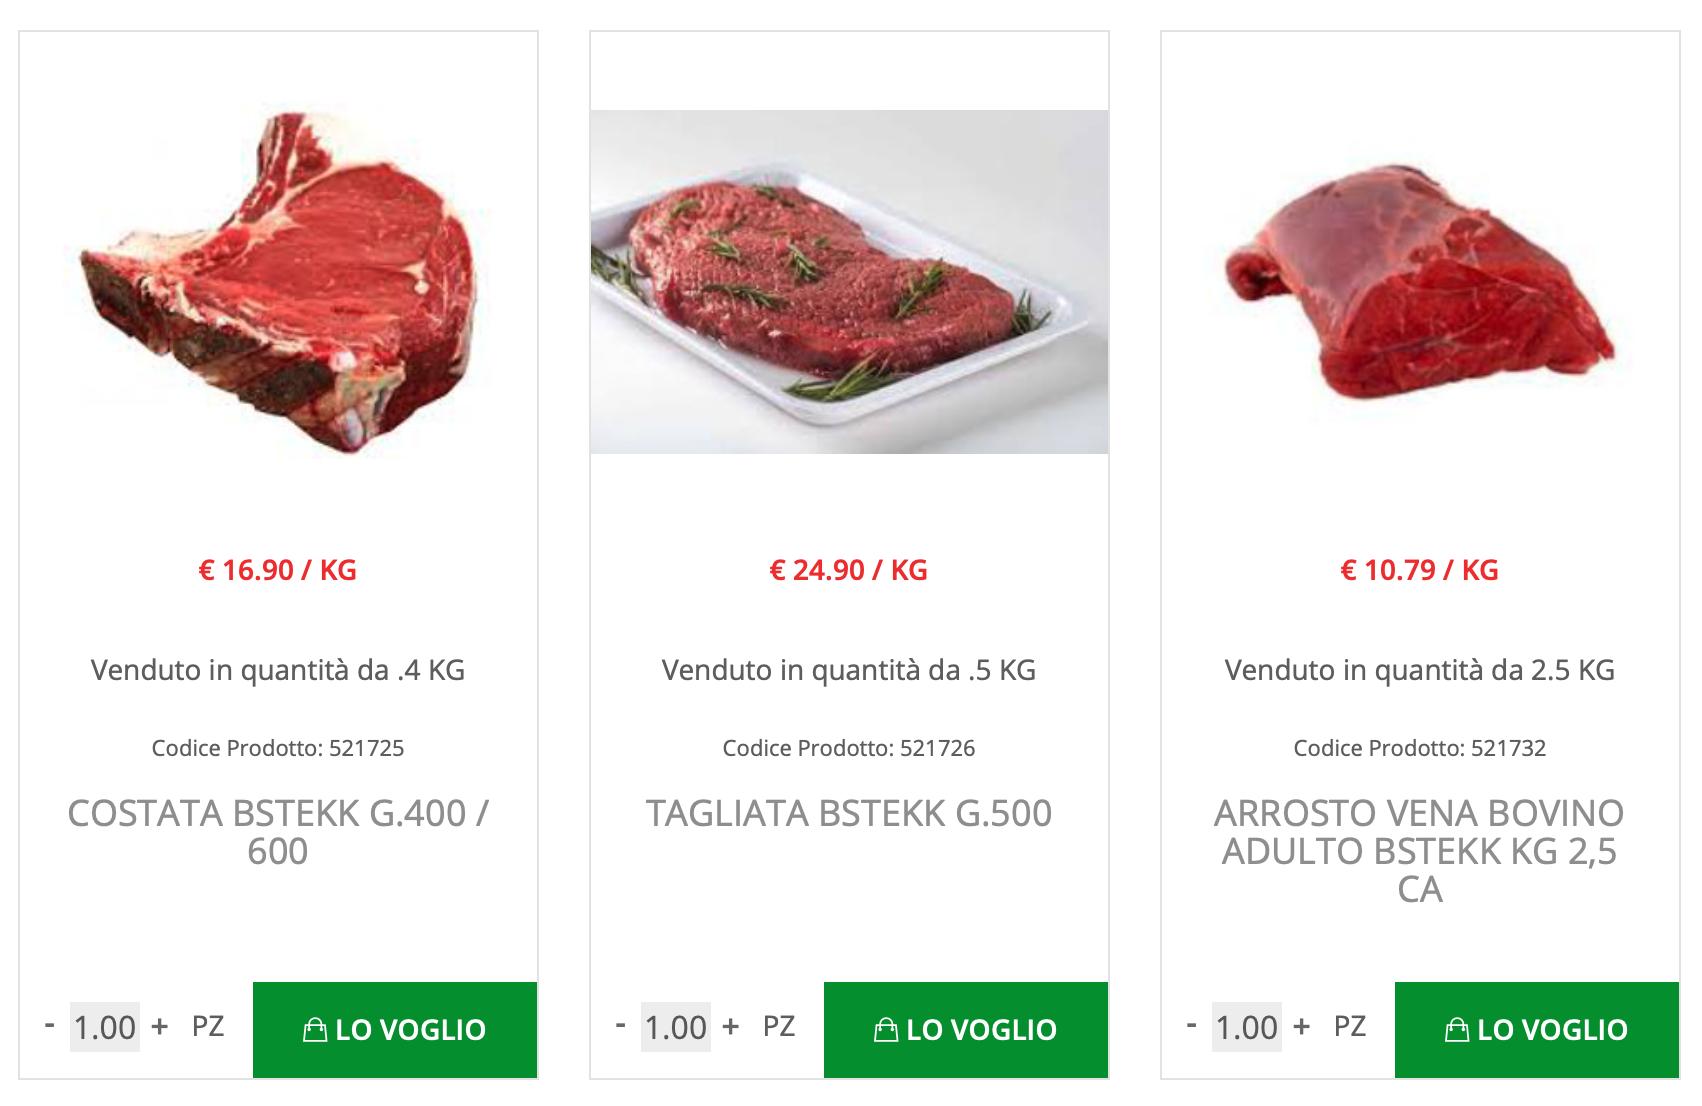 Che succede nel mondo carne?